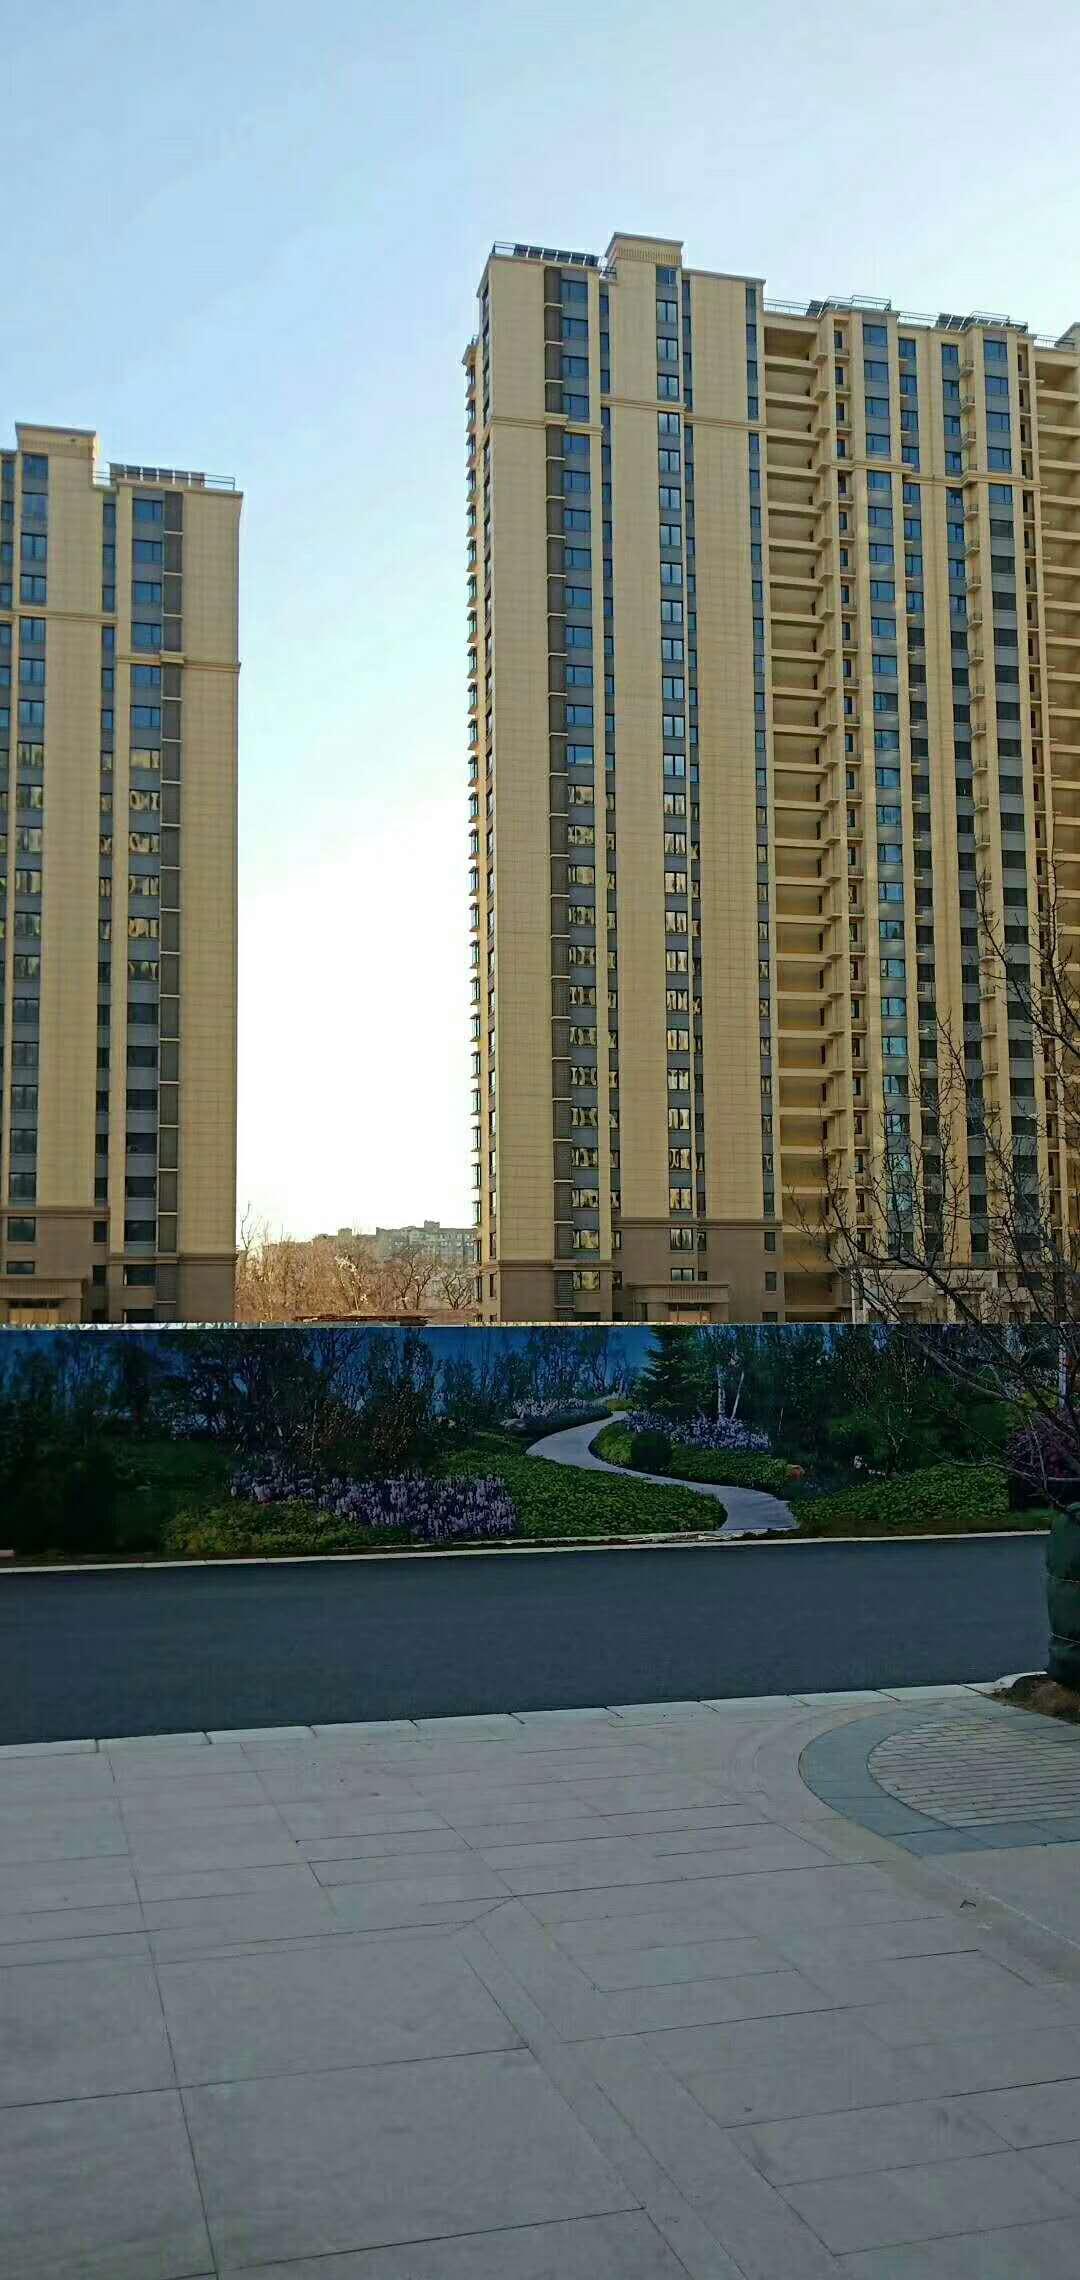 香河k2狮子城 均价8800 京津冀发展金三角 距离通州仅